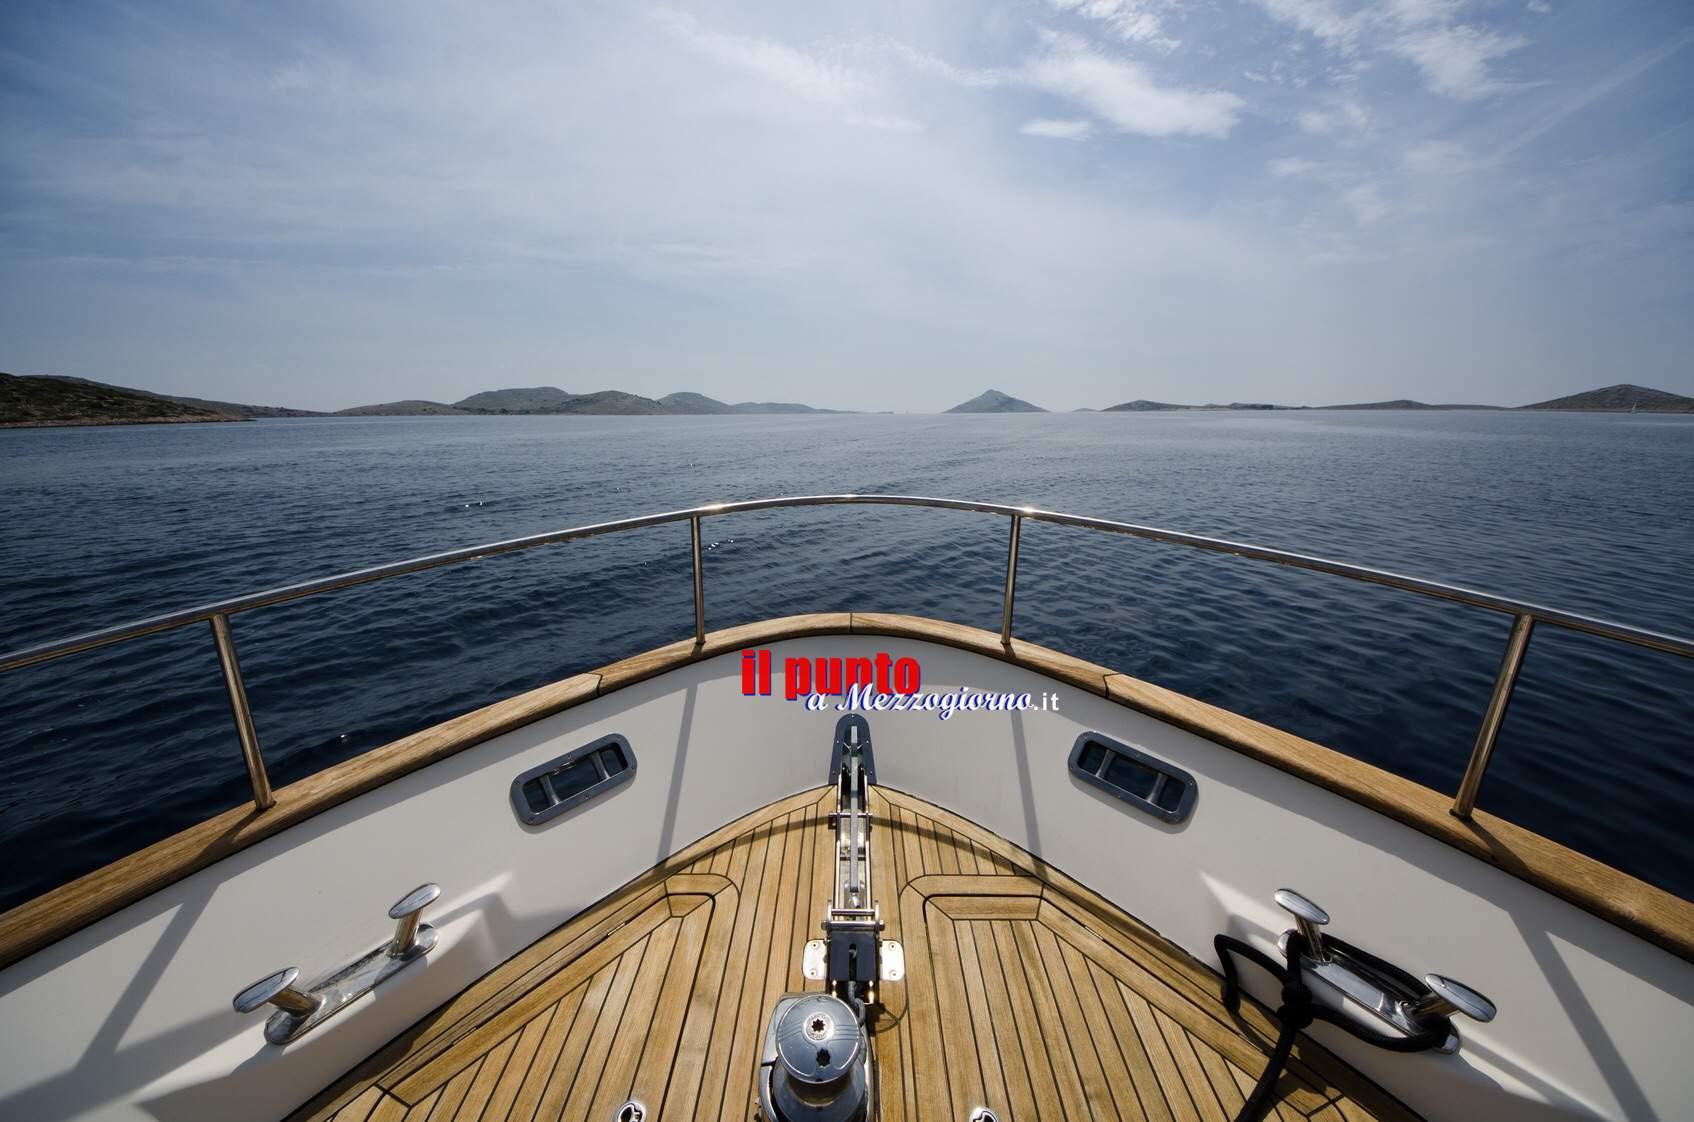 Wally 145, il nuovo superyacht di Marco Tronchetti Provera